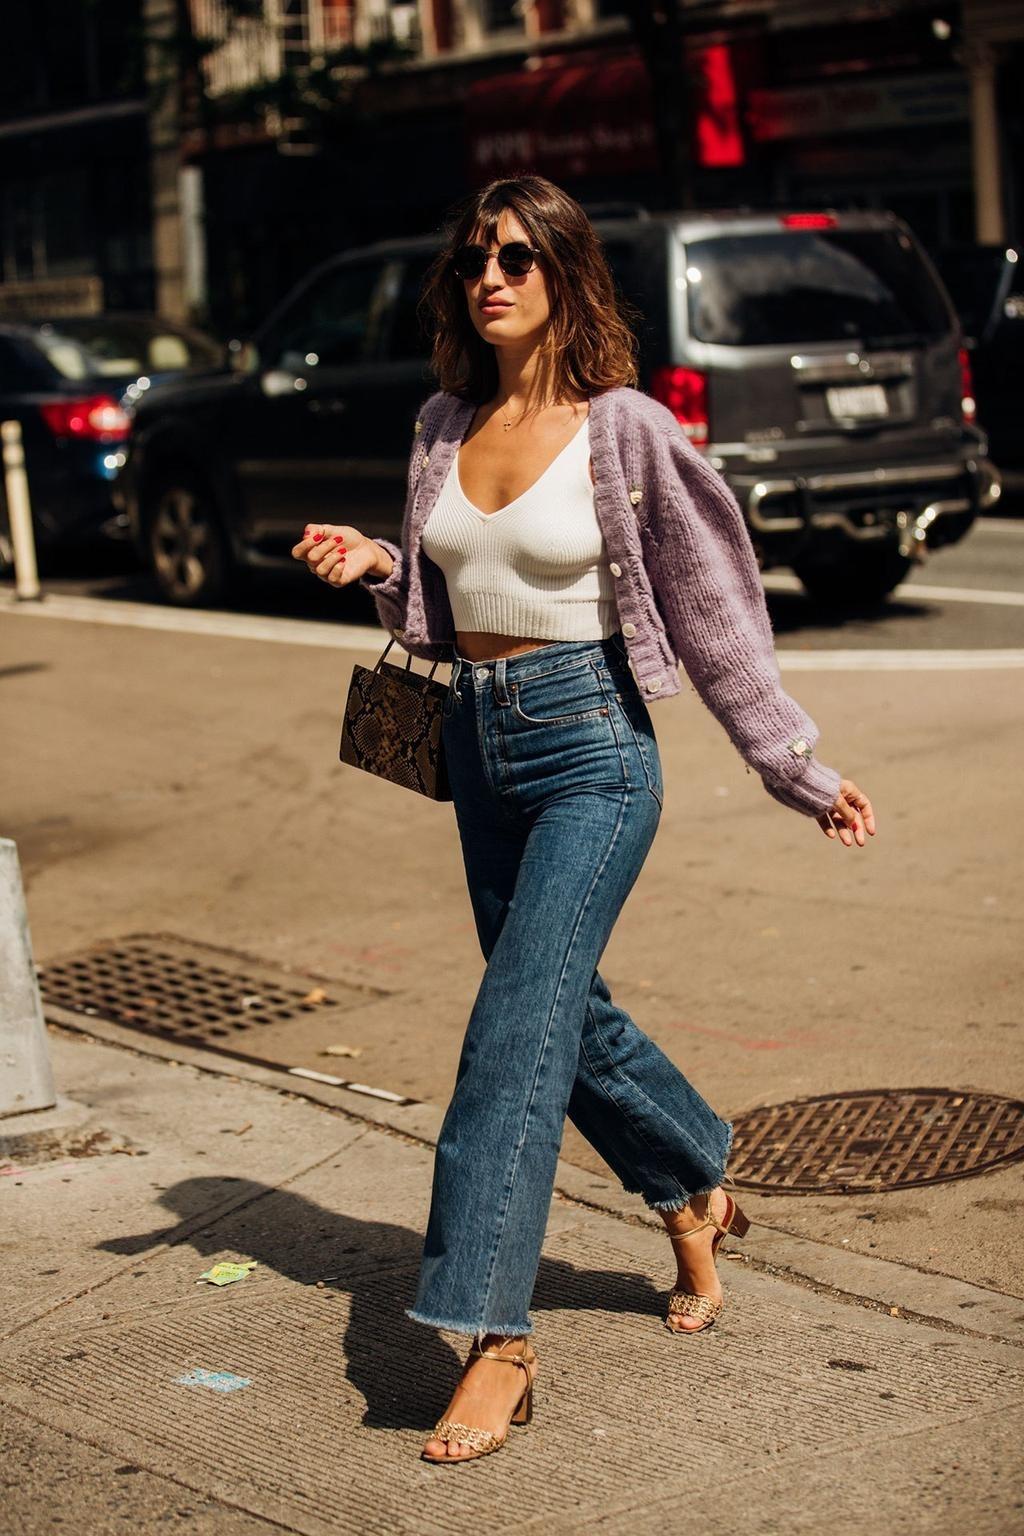 Fashionista Jeanne Damas mặc quần jeans, áo khoác len tím